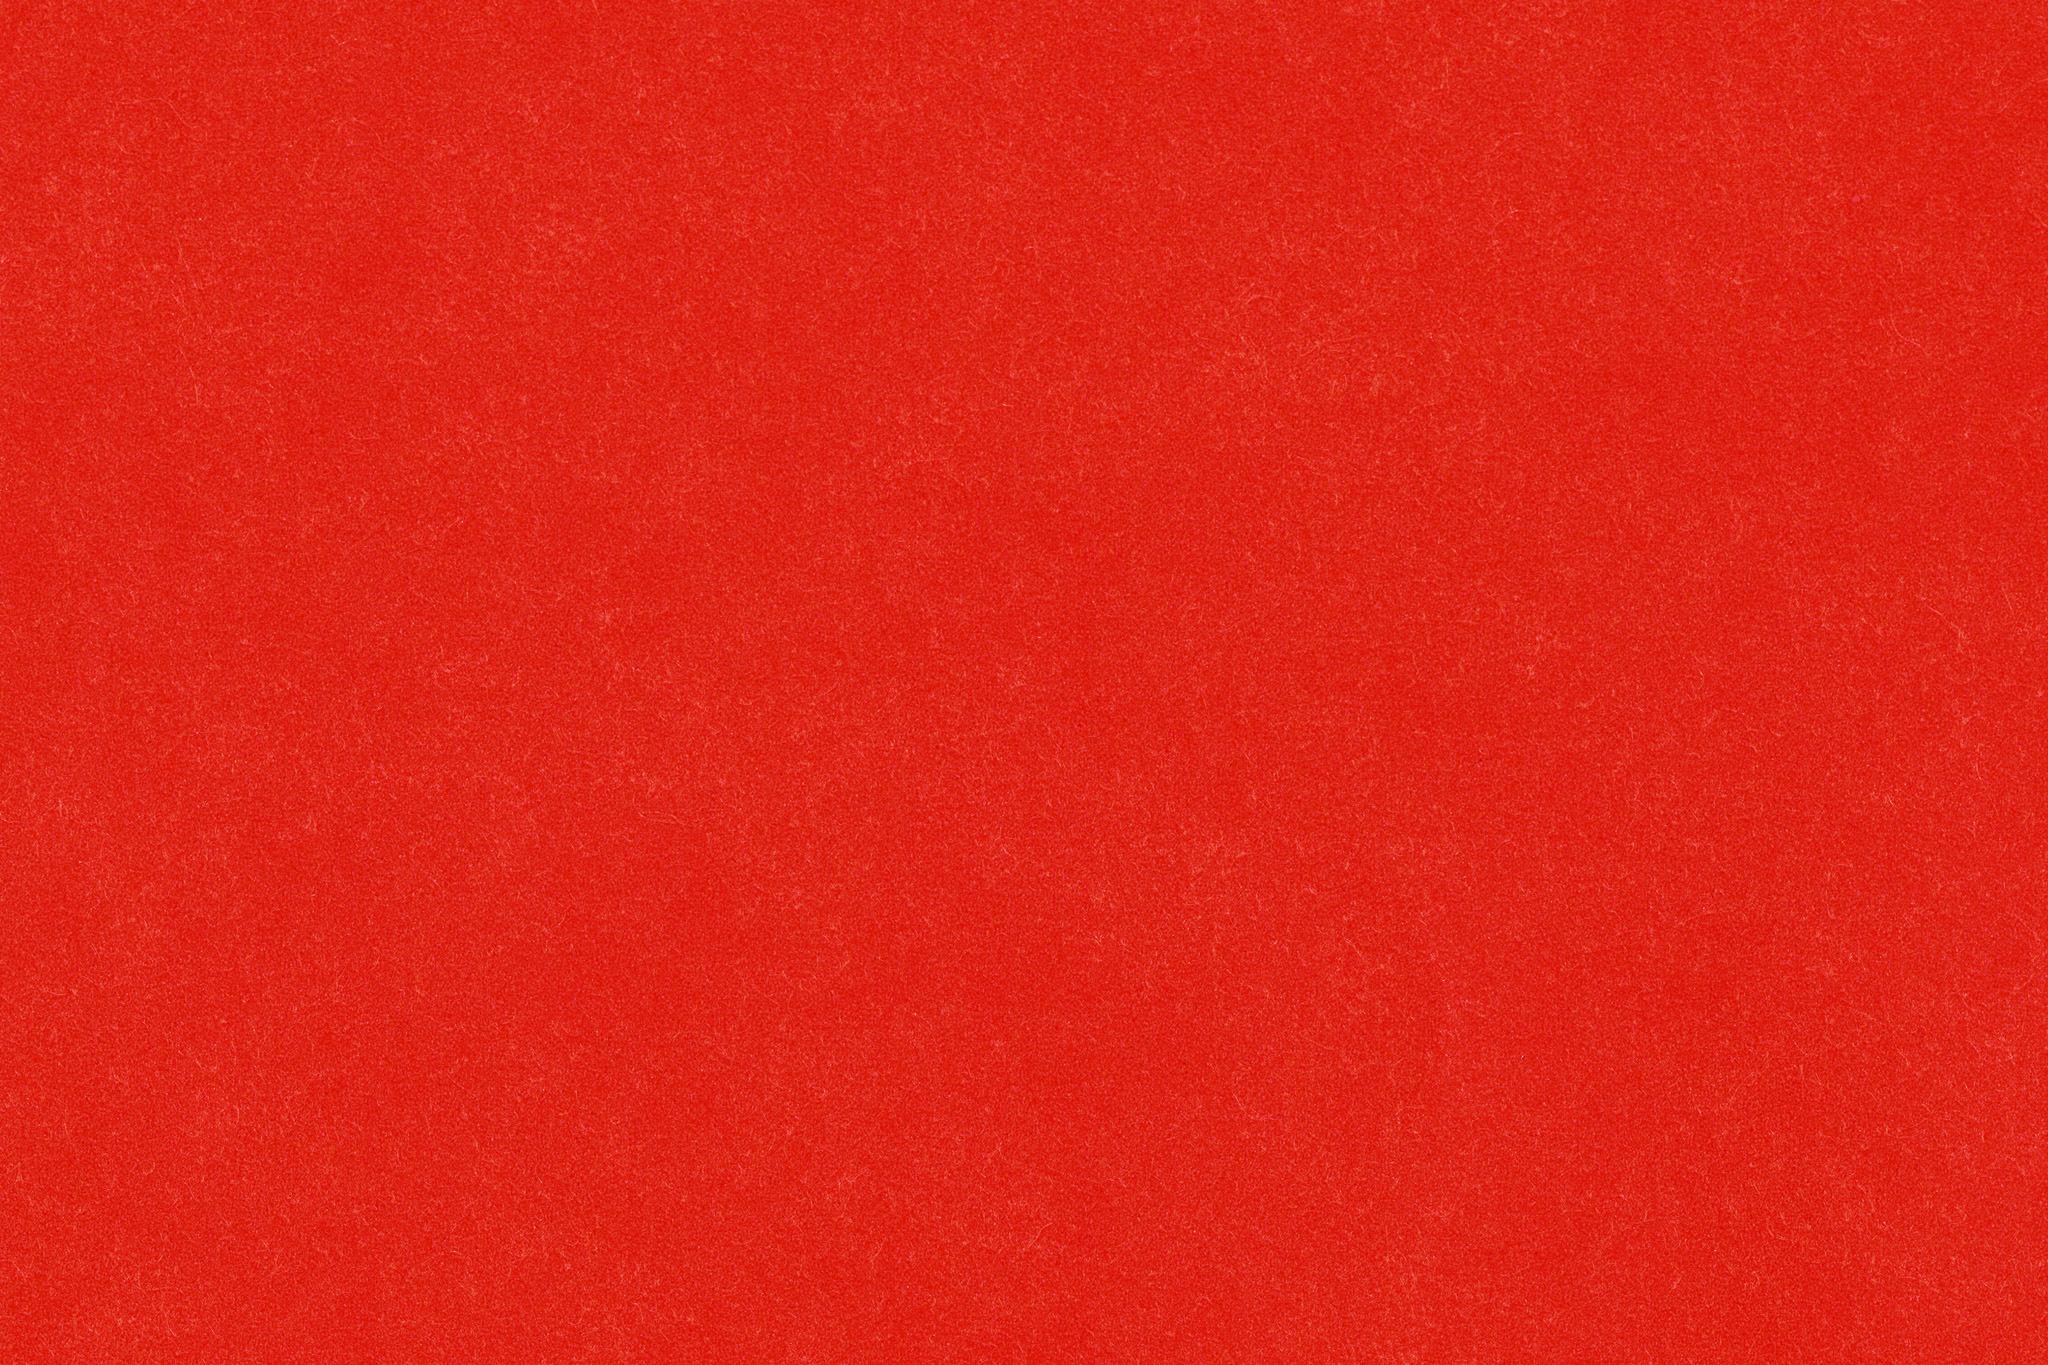 「燃える炎のような赤い紙」の画像を無料ダウンロード